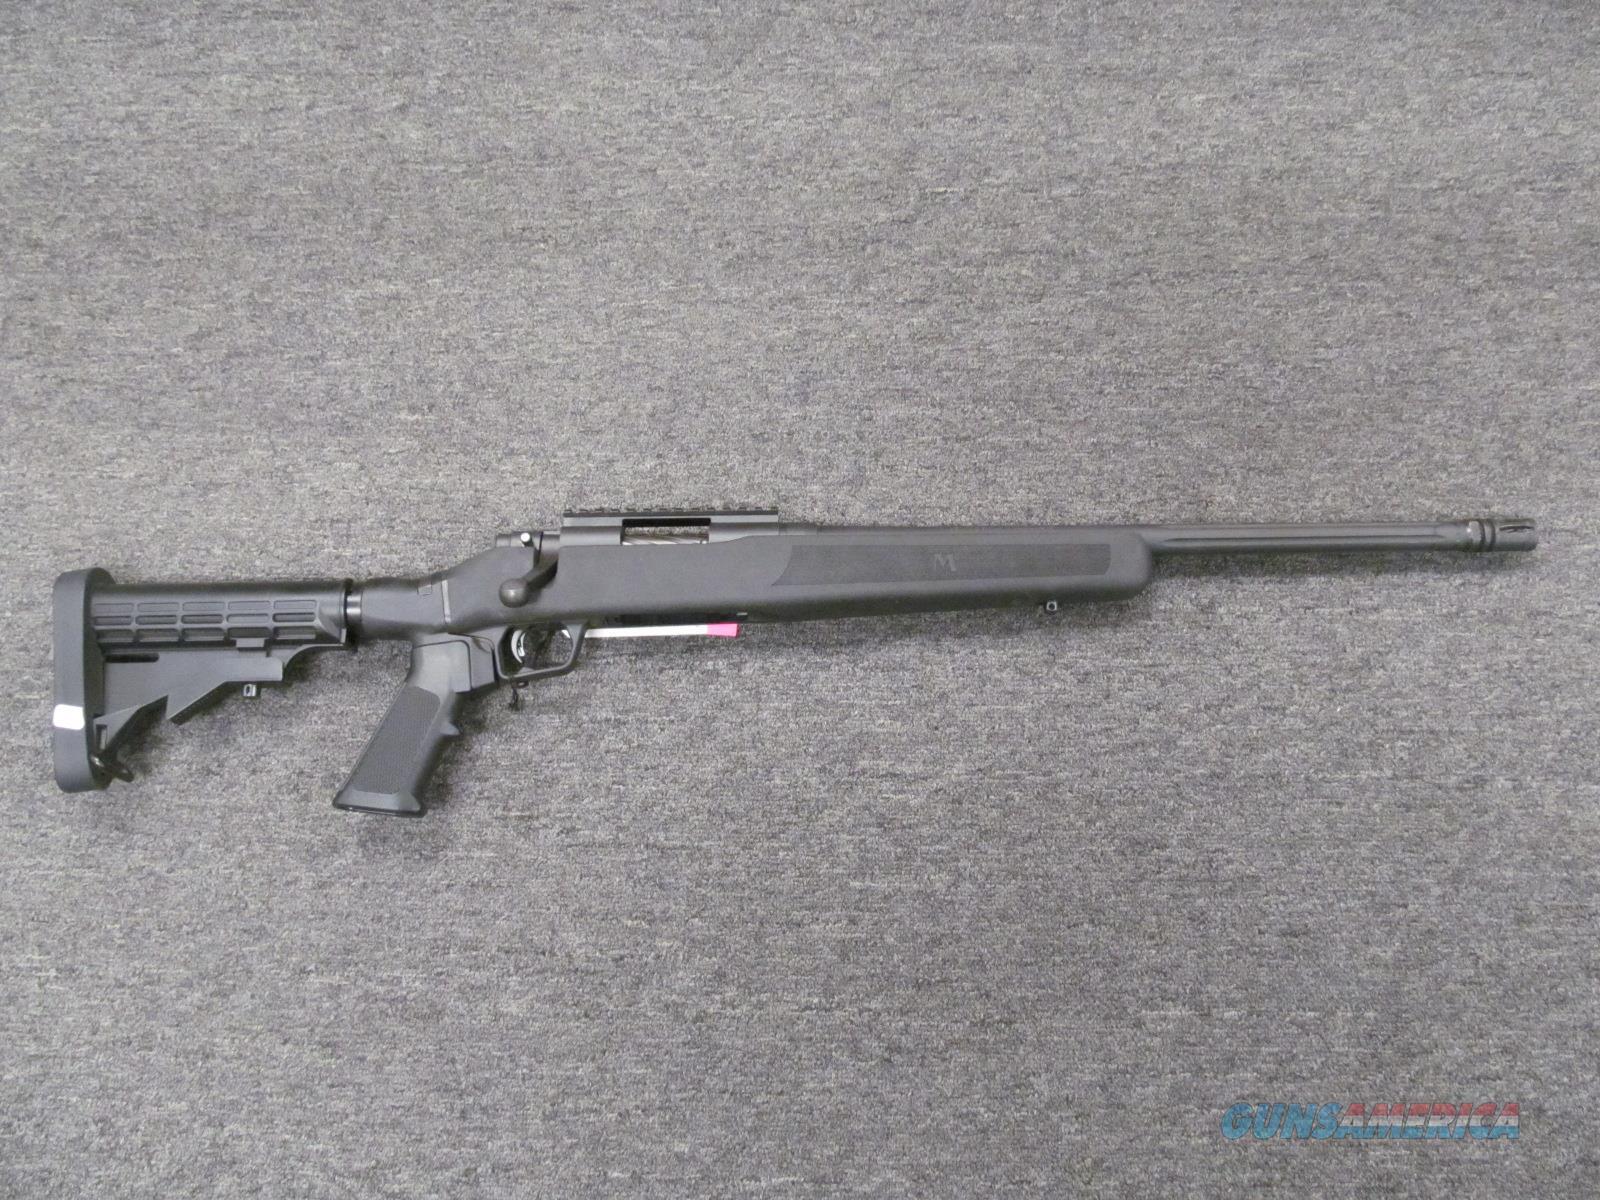 Mossberg MVP Flex  Guns > Rifles > Mossberg Rifles > MVP